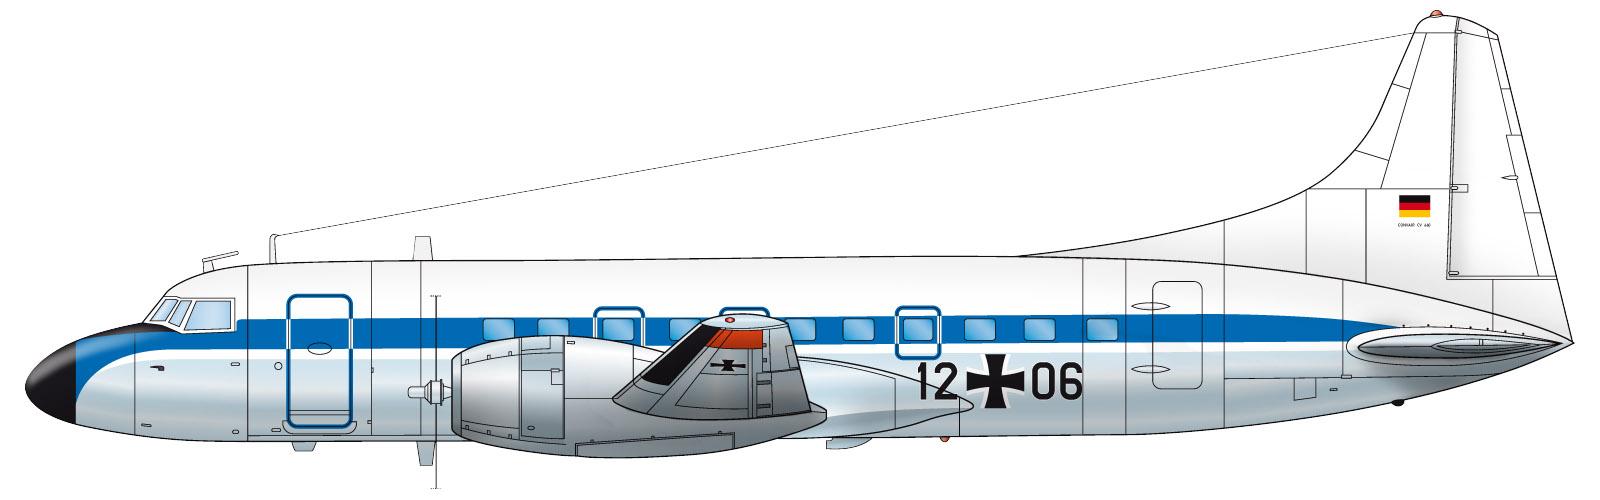 Il disegno dell'aereo che cadde a Brema